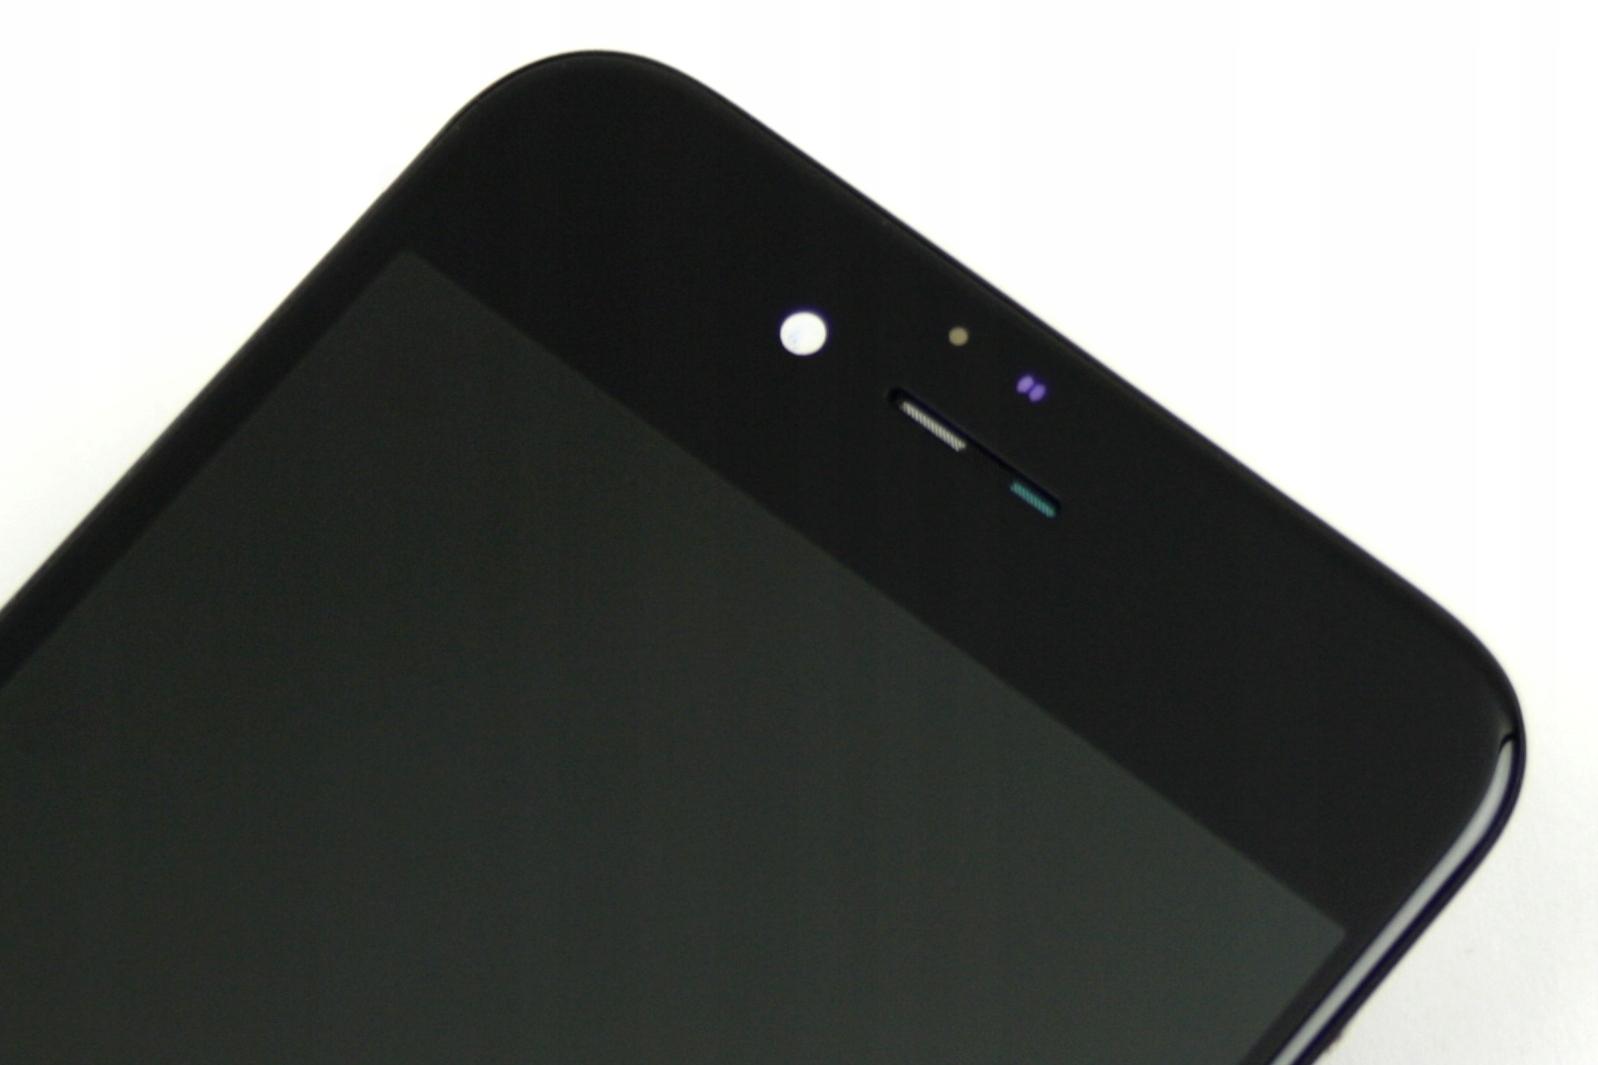 WYŚWIETLACZ Z DIGITIZEREM FULL SET APPLE IPHONE 6 - Wyświetlacze z digitizerami do telefonów